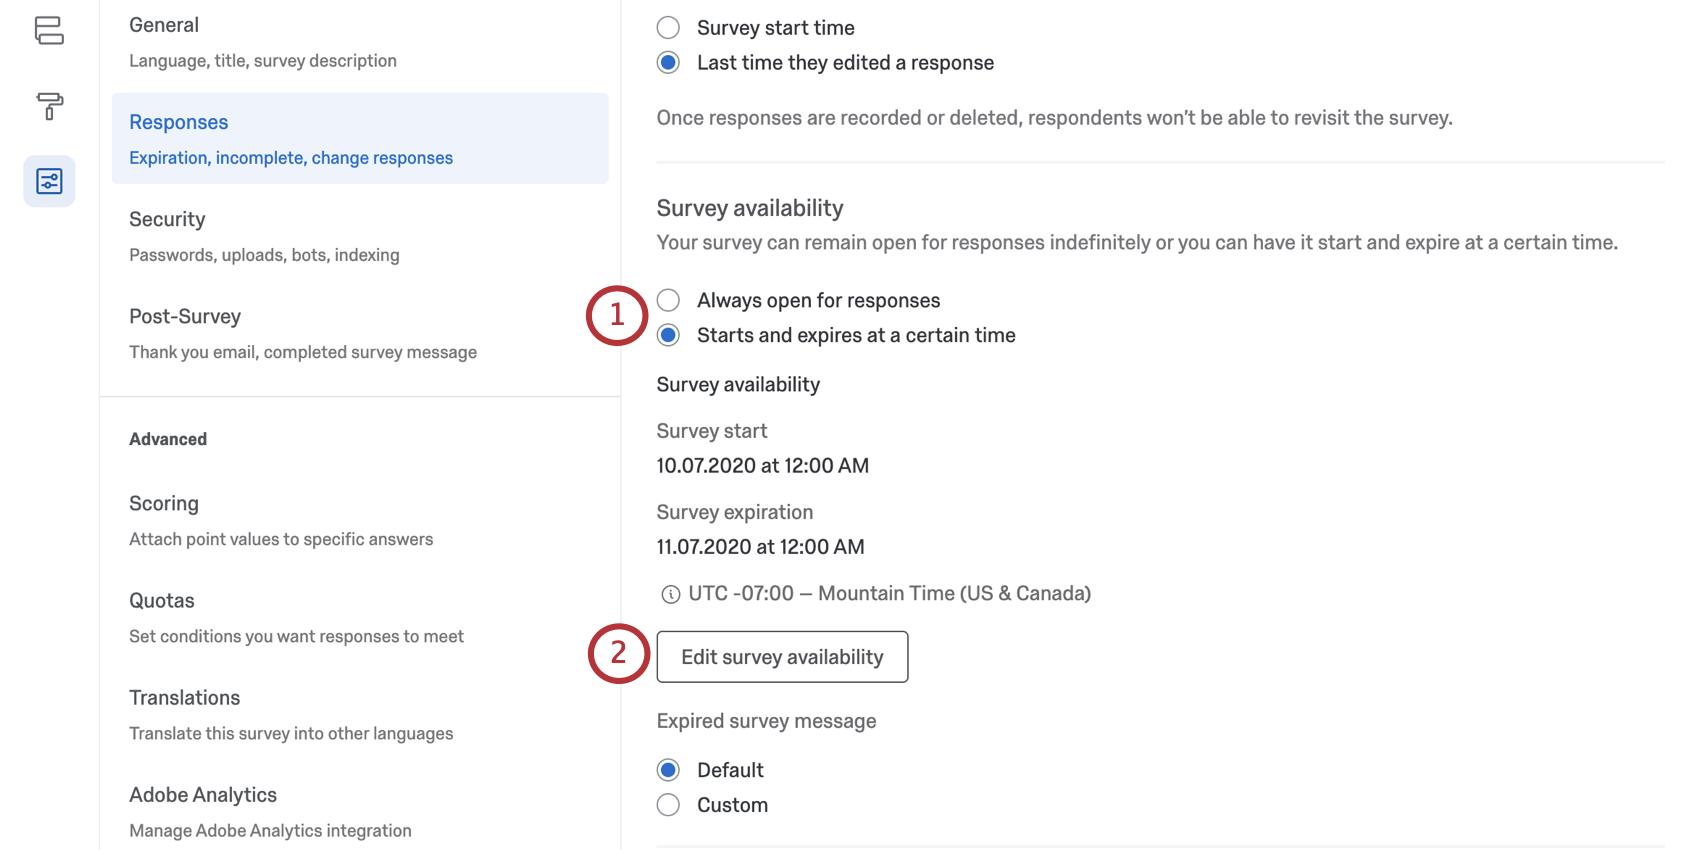 Survey availability settings